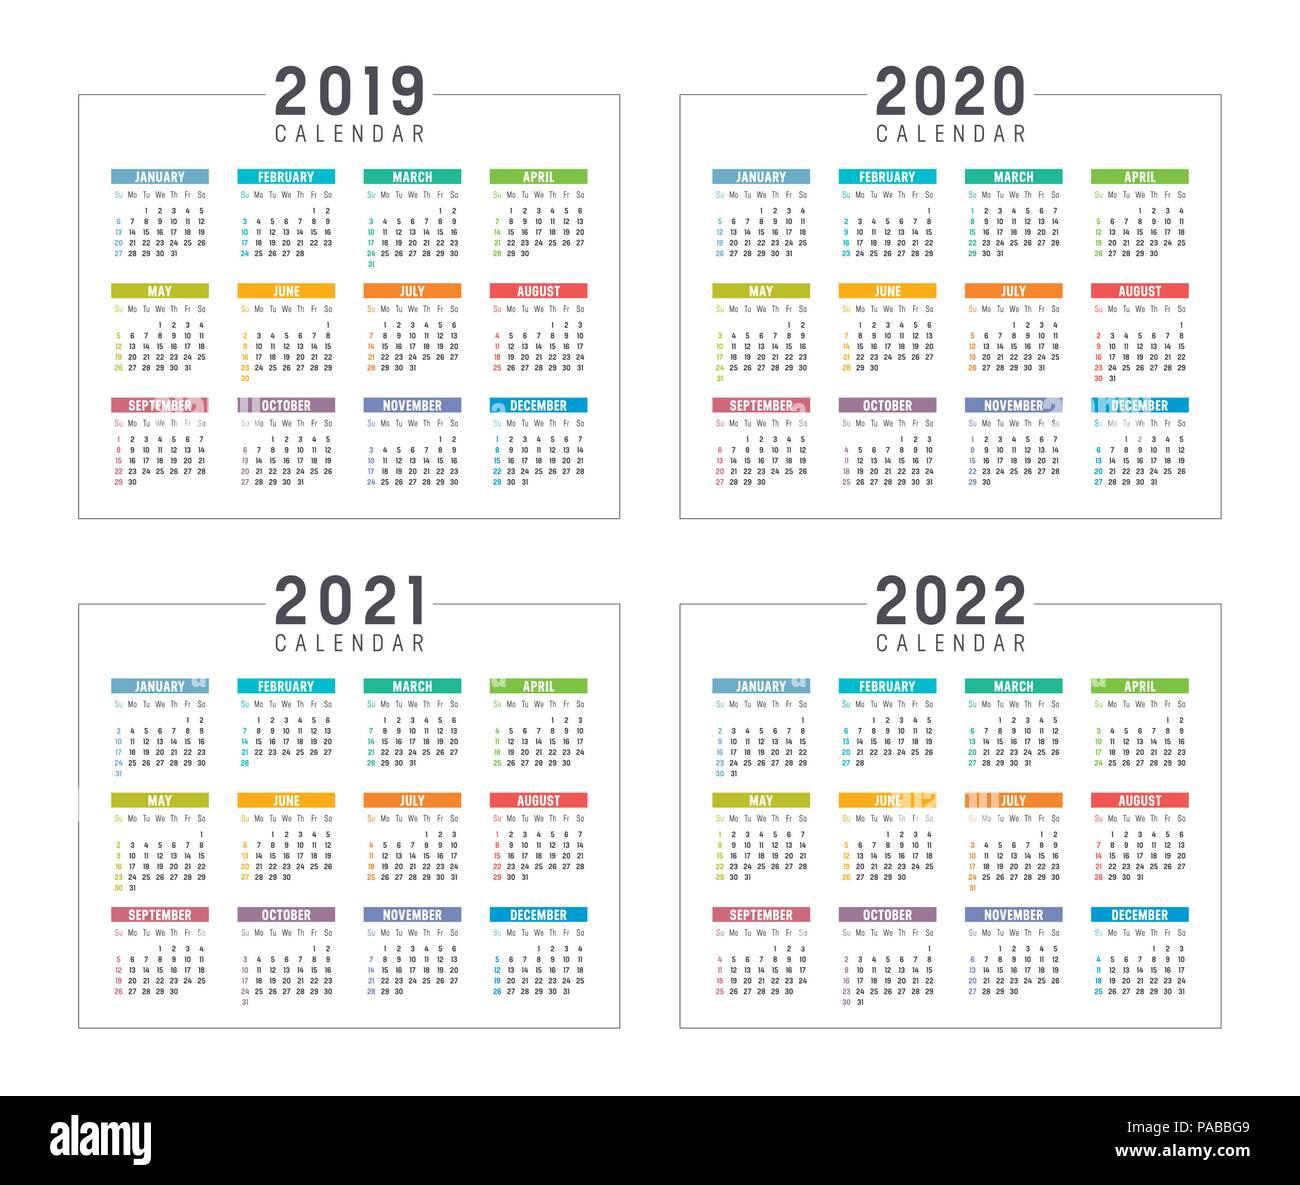 Calendrier 2022 En Couleur Ensemble de couleurs minimaliste des calendriers, des années 2019